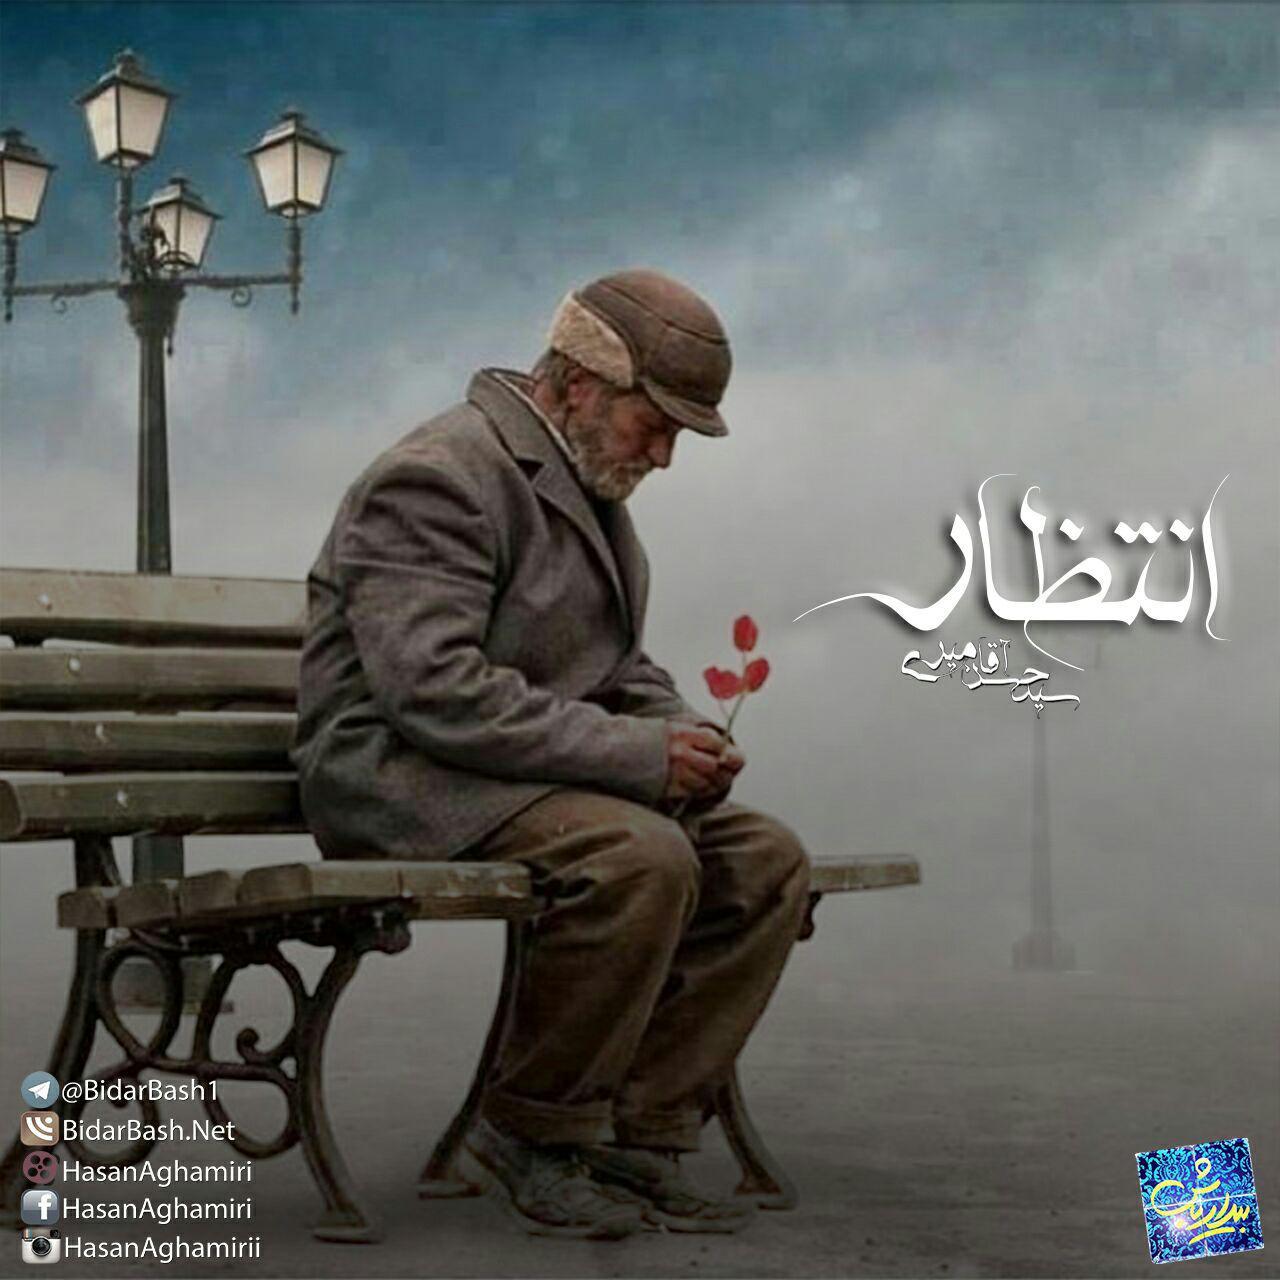 دانلود پادکست انتظار سید حسن آقامیری